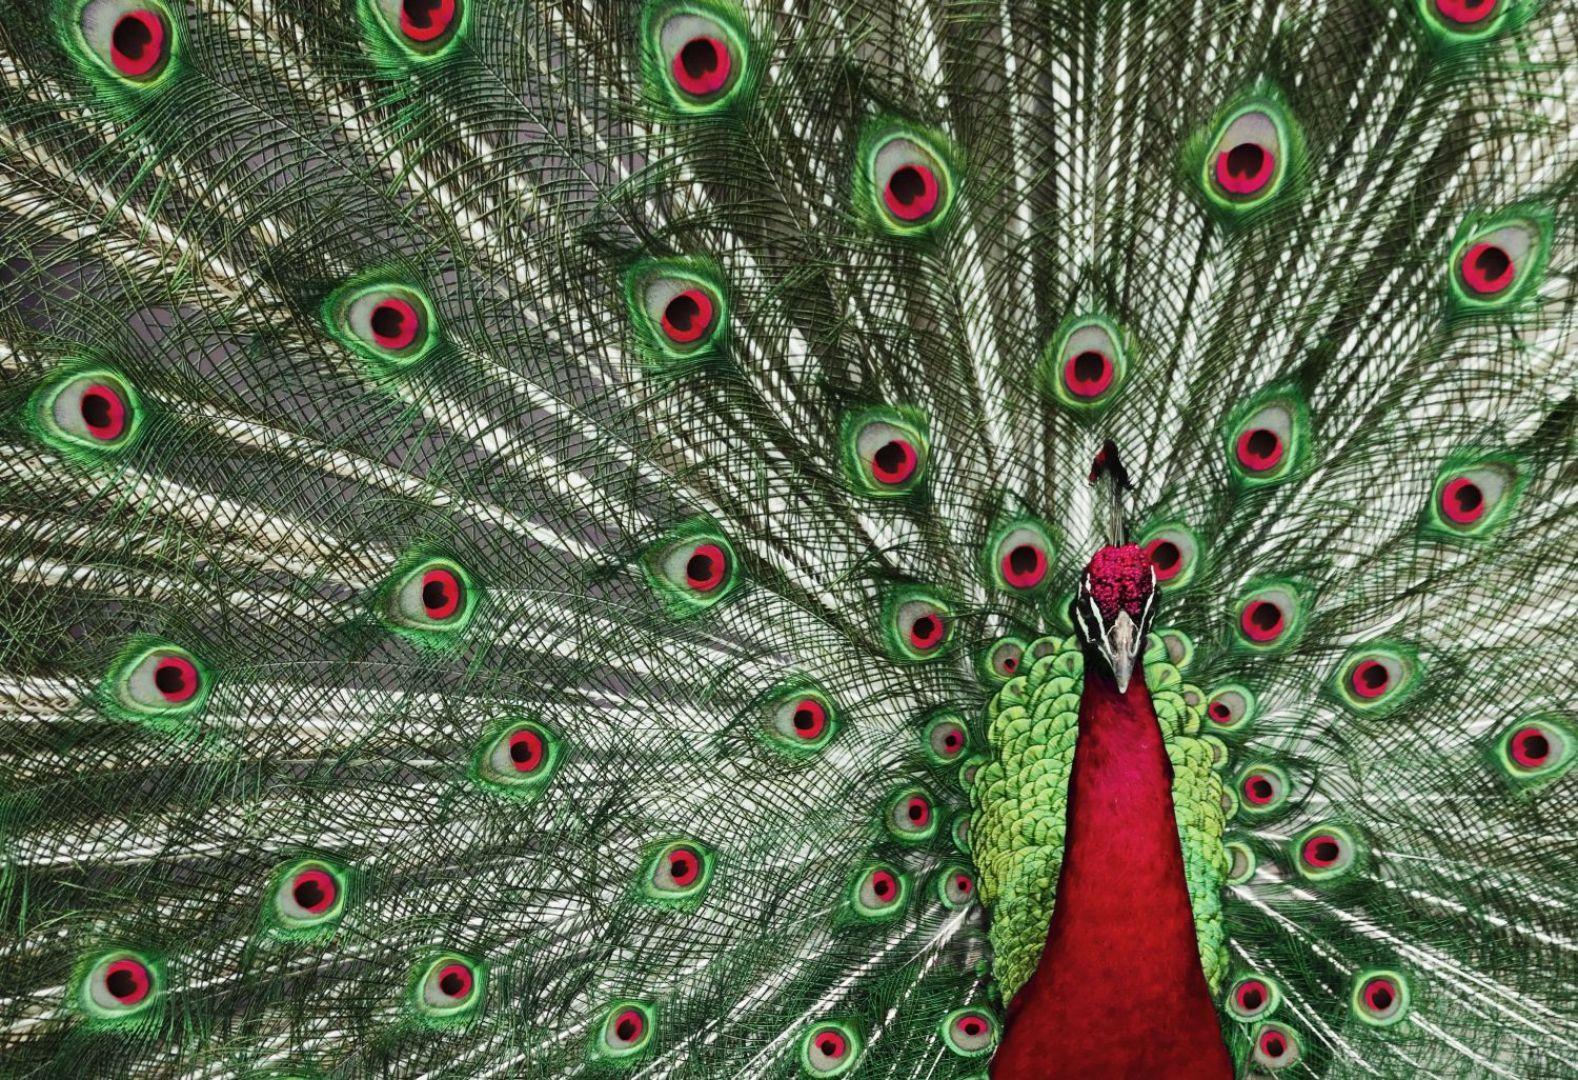 Fototapetę Peacock mozna kupić  także w wersji sapomprzylepnej. Fot.  Pixers